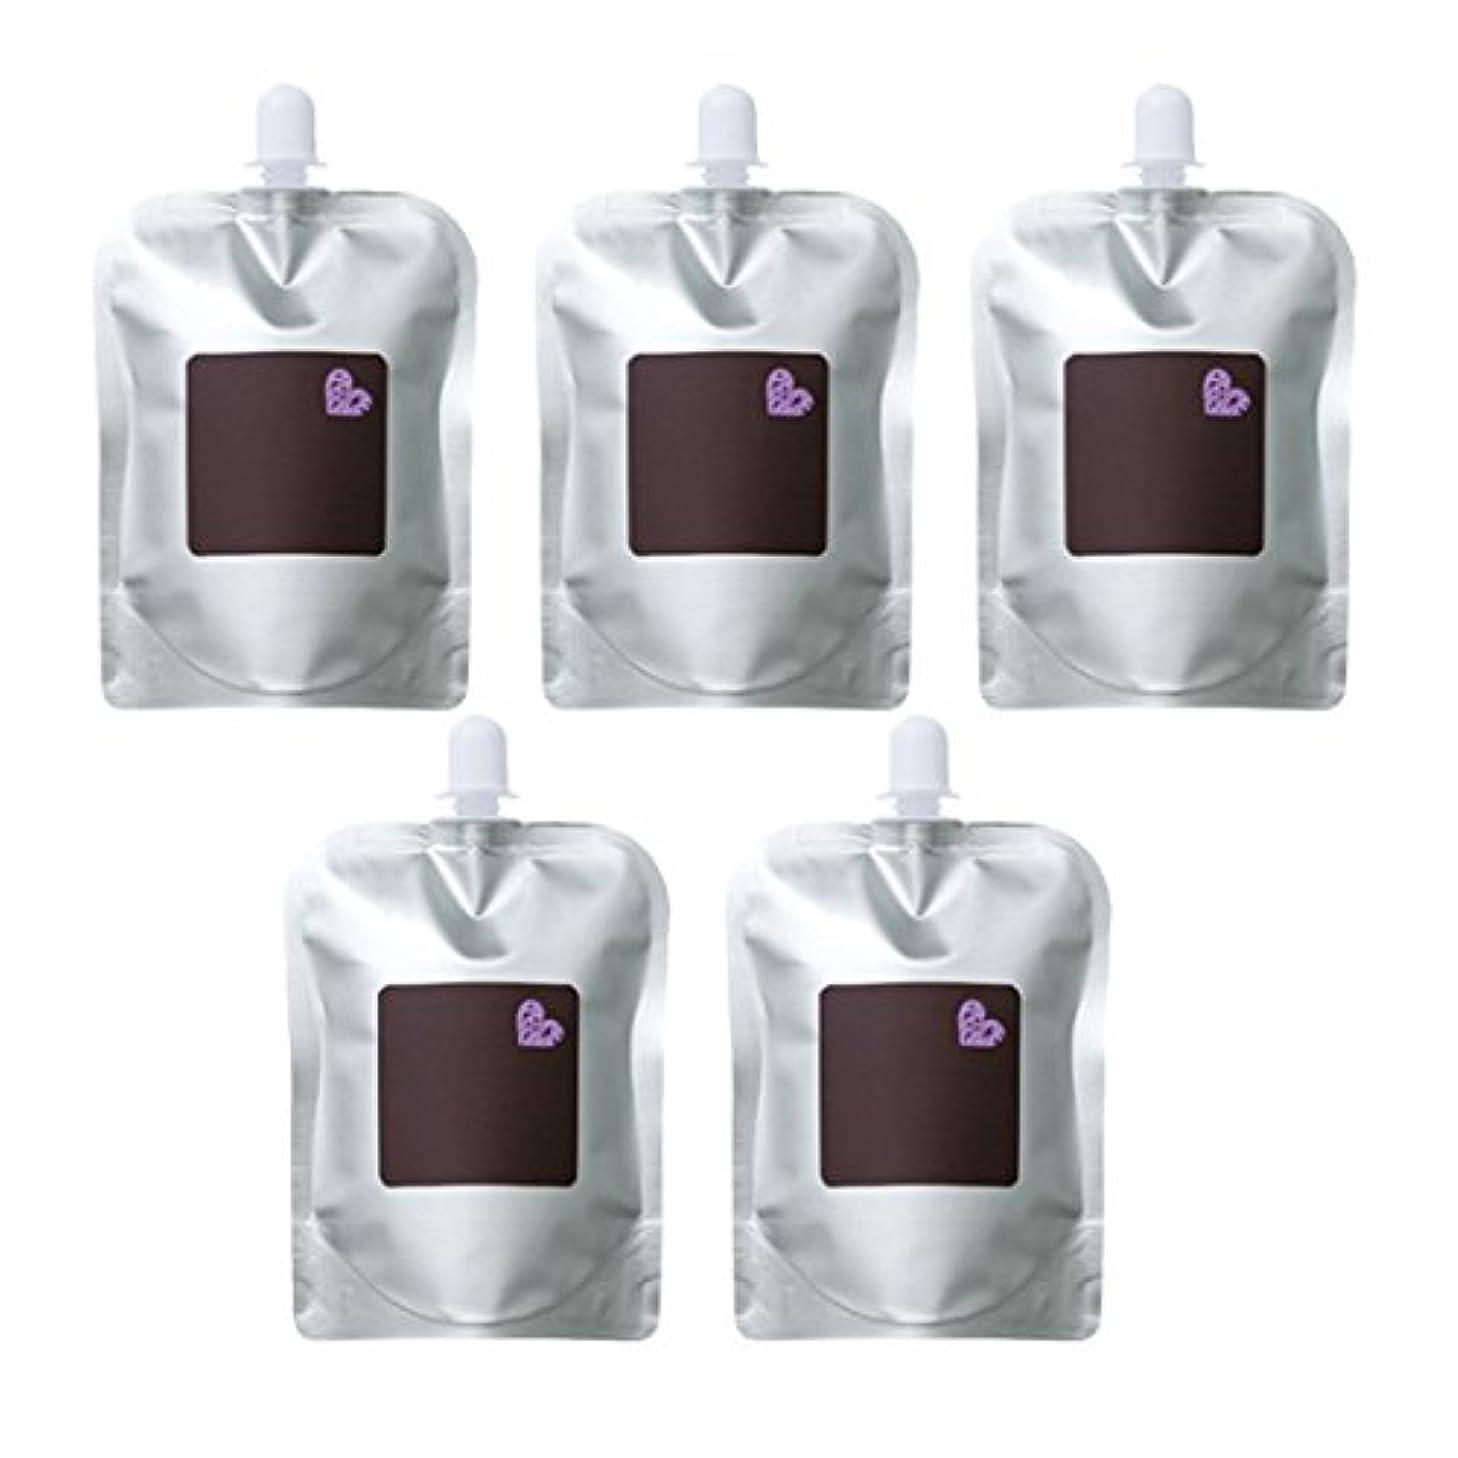 ピストル爆弾崩壊【X5個セット】 アリミノ ピース バウンシーカール ホイップ 400g 詰替え用